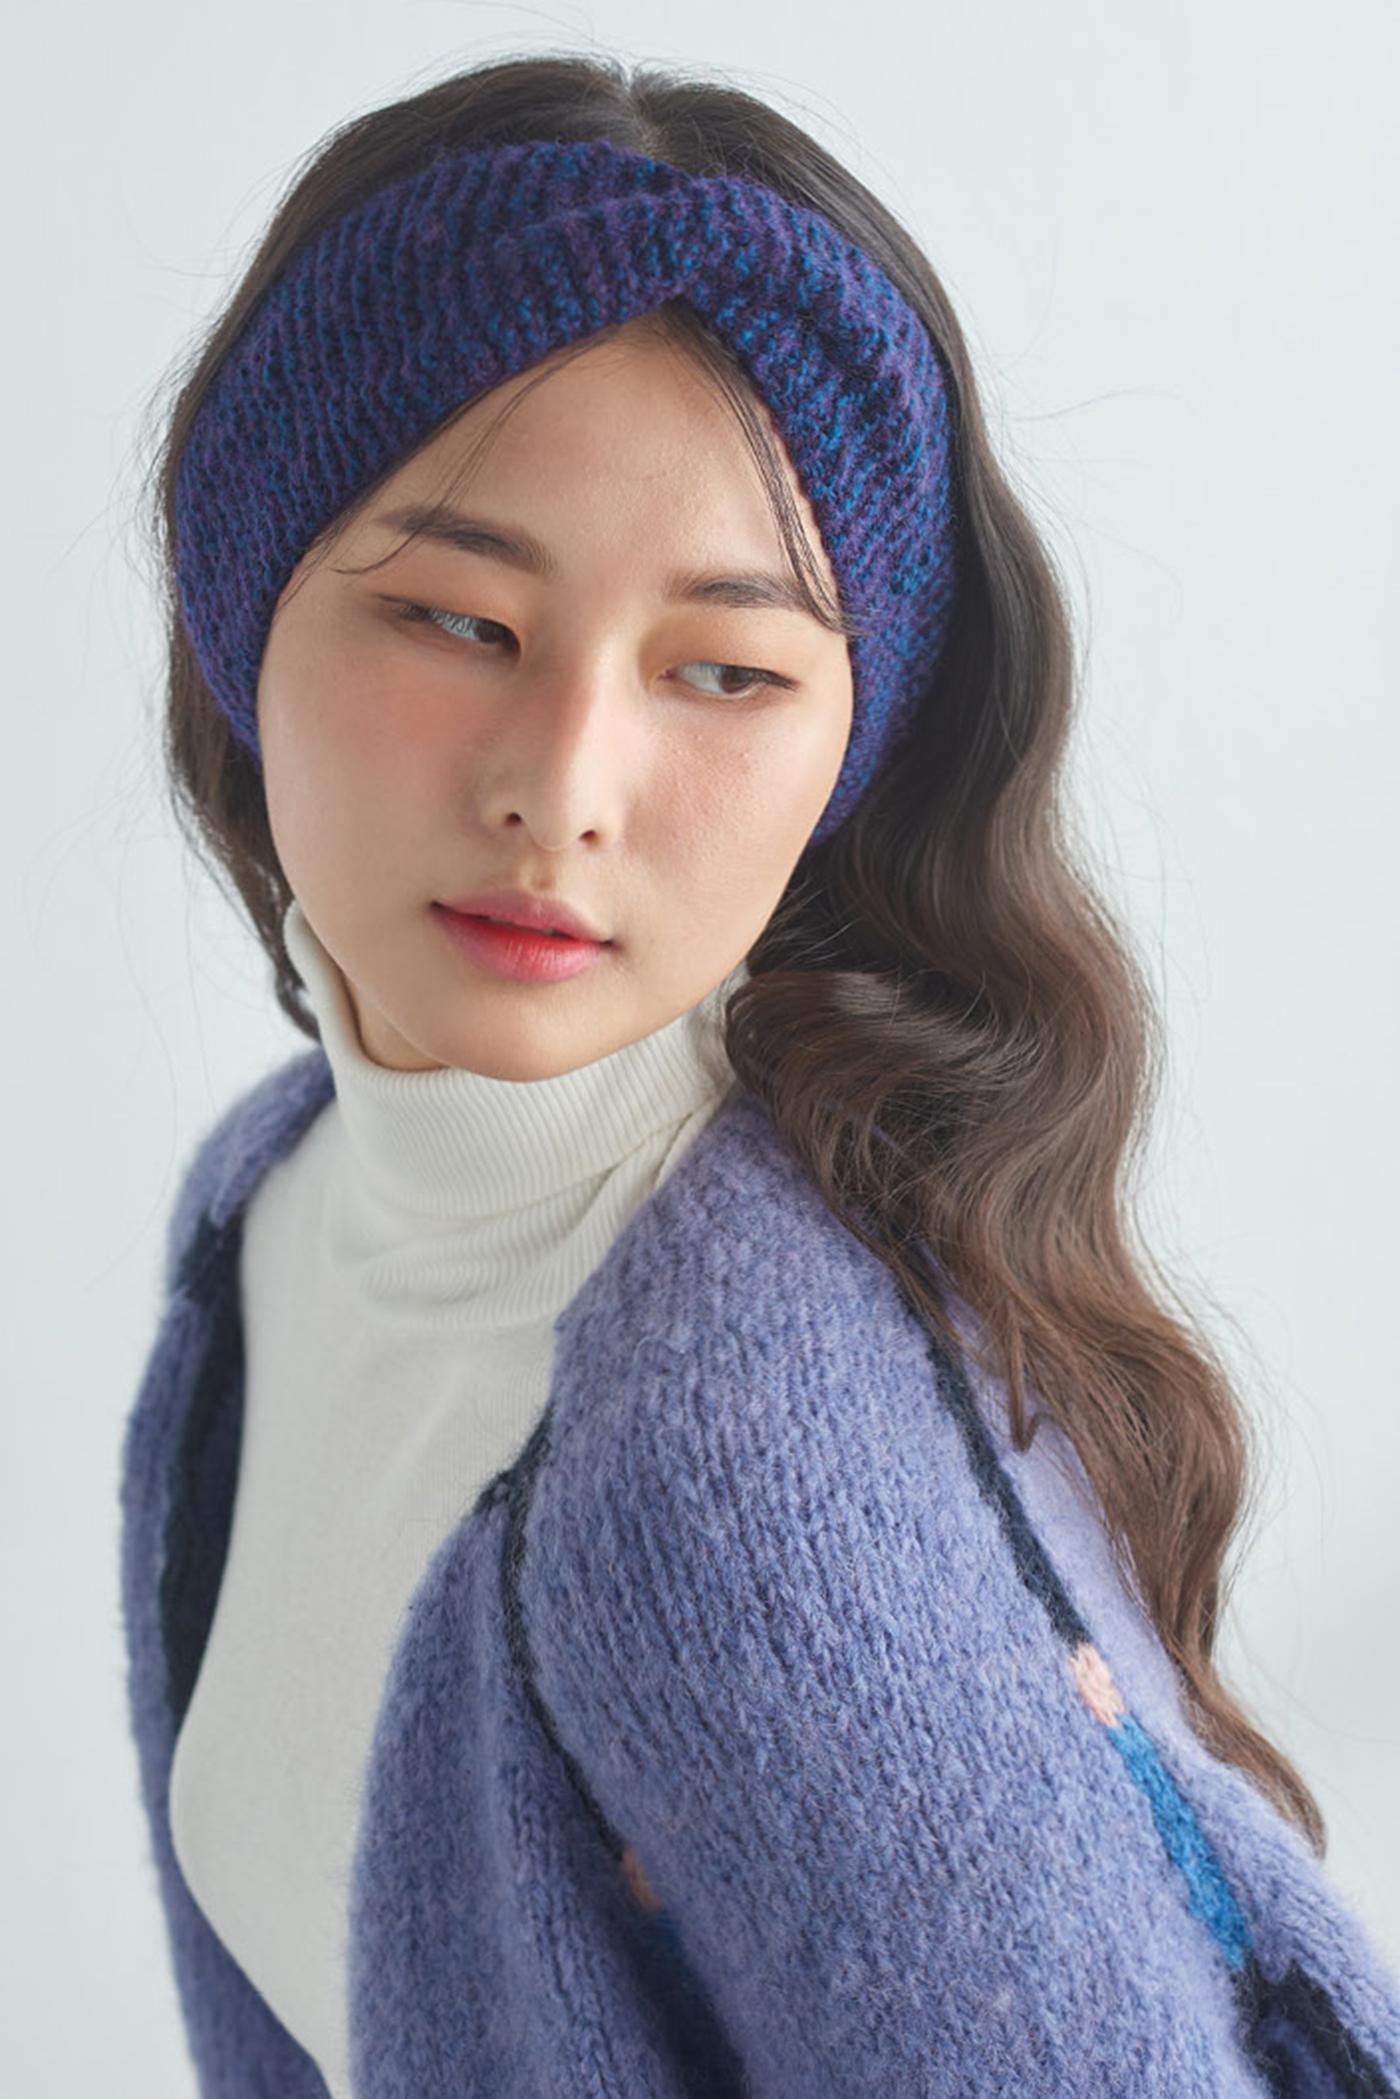 핸드메이드 꽈배기 니트 헤어밴드 모자 상세이미지4